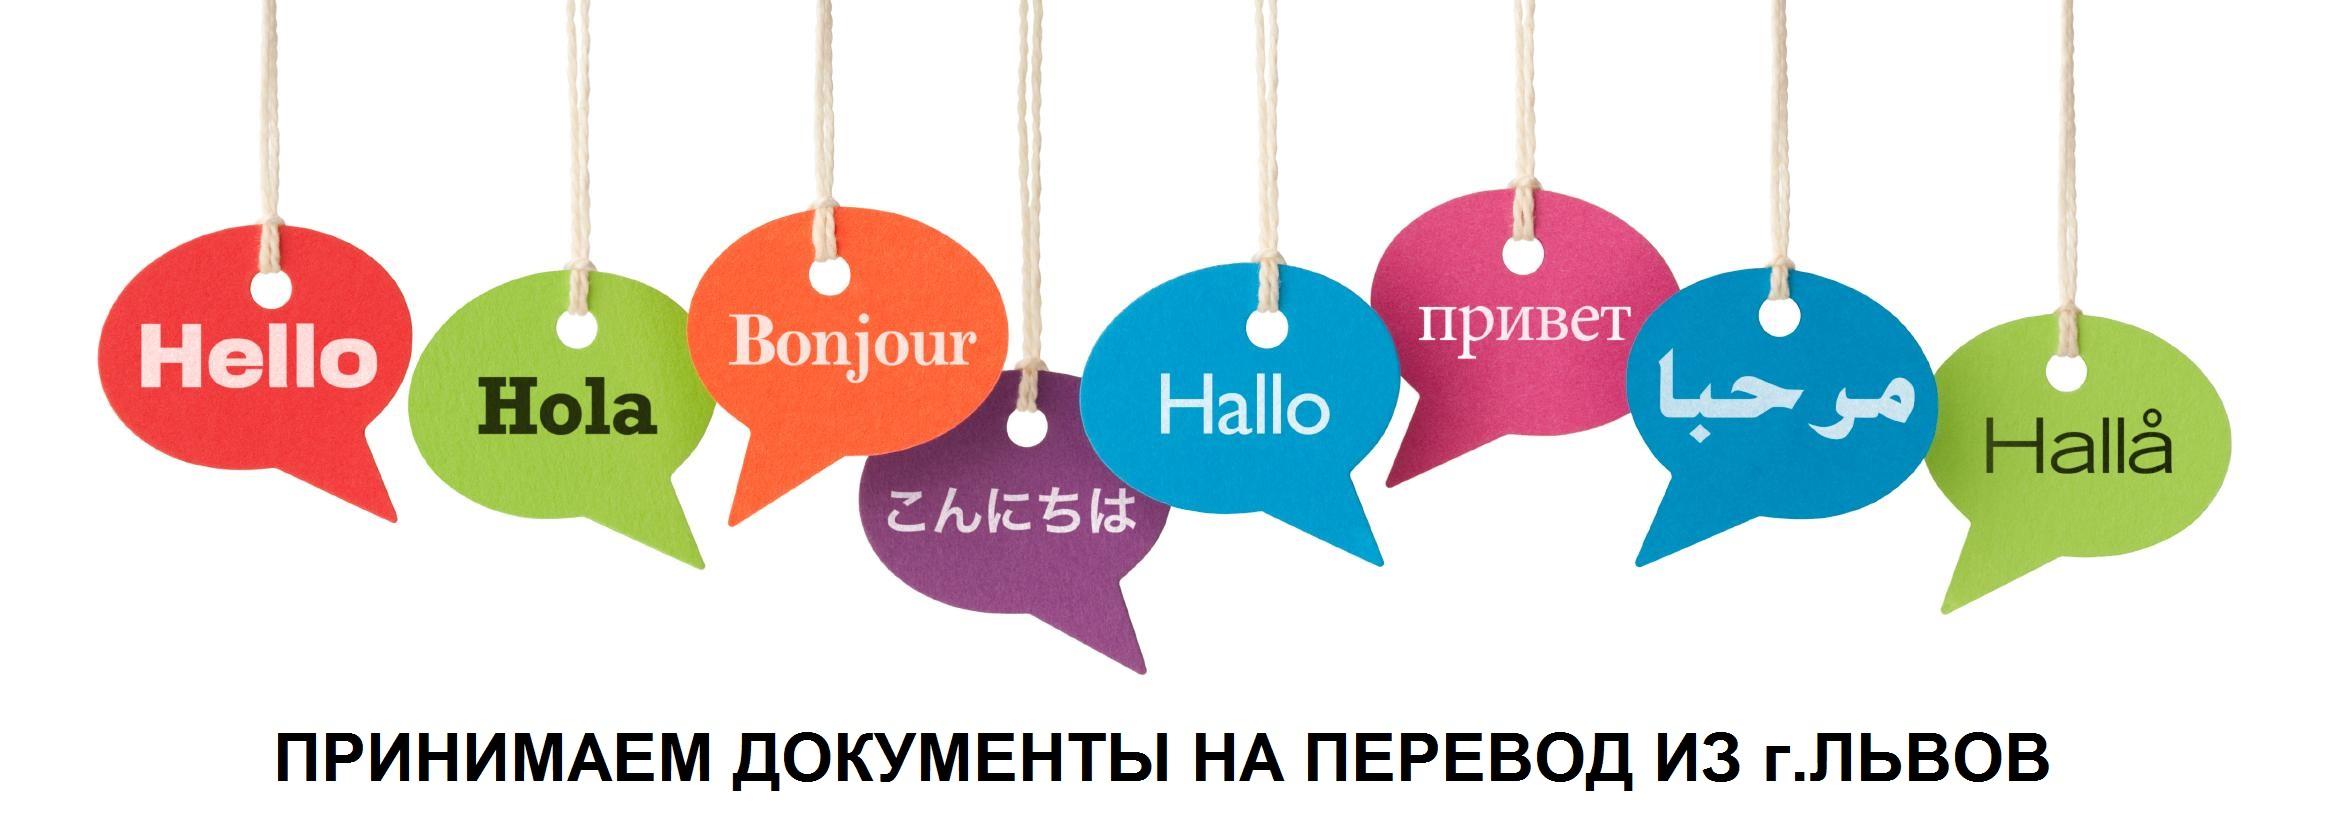 ПРИНИМАЕМ ДОКУМЕНТЫ НА ПЕРЕВОД ИЗ г.ЛЬВОВ - SpravkaInform.com.ua